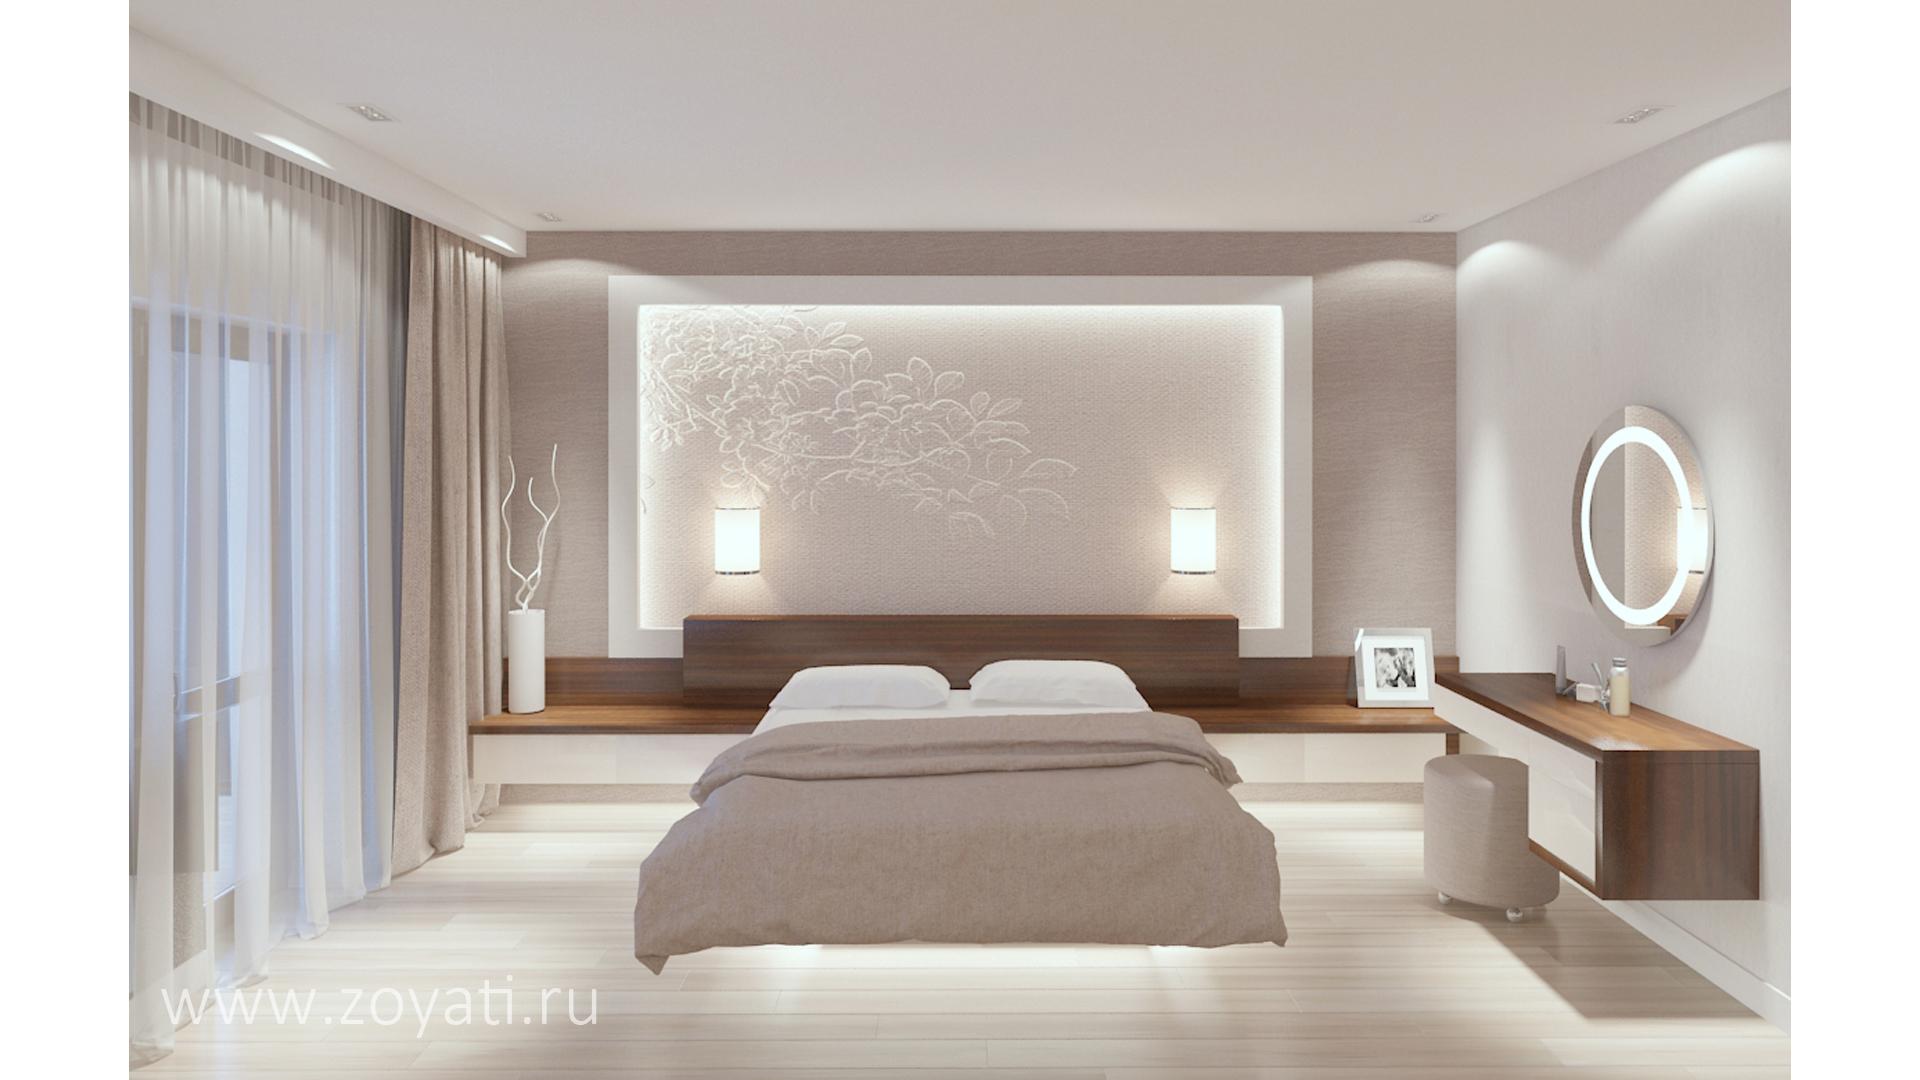 Дизайн квартиры Зоя Ти